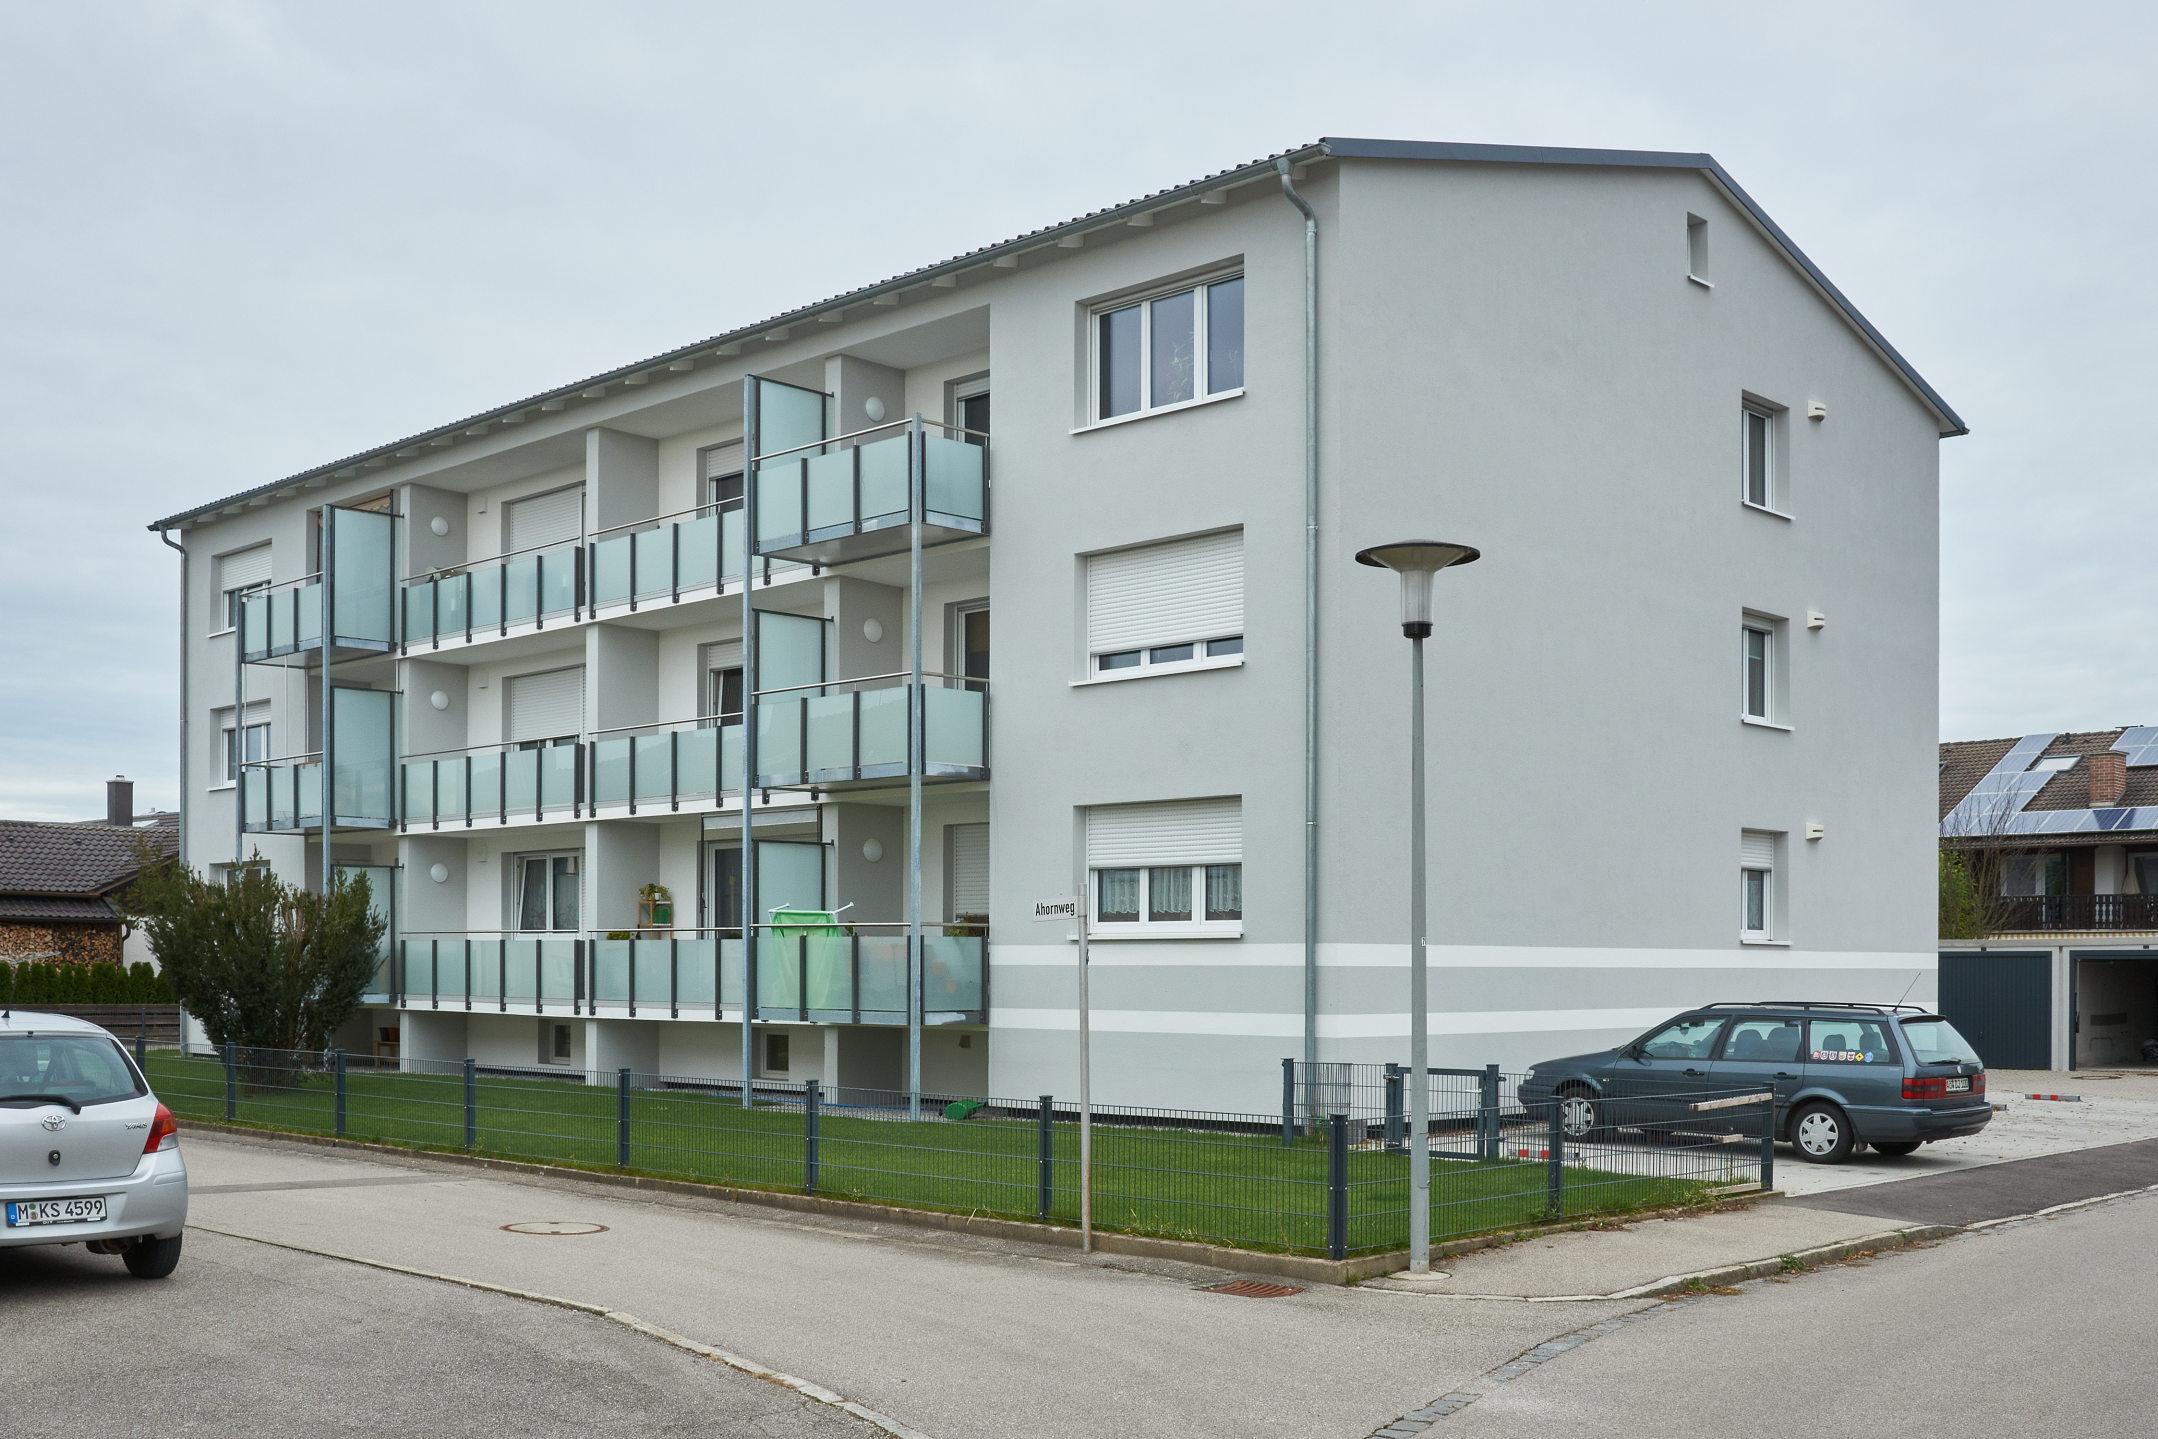 Malerie Aigner Mehrfamilienhaus1.jpg